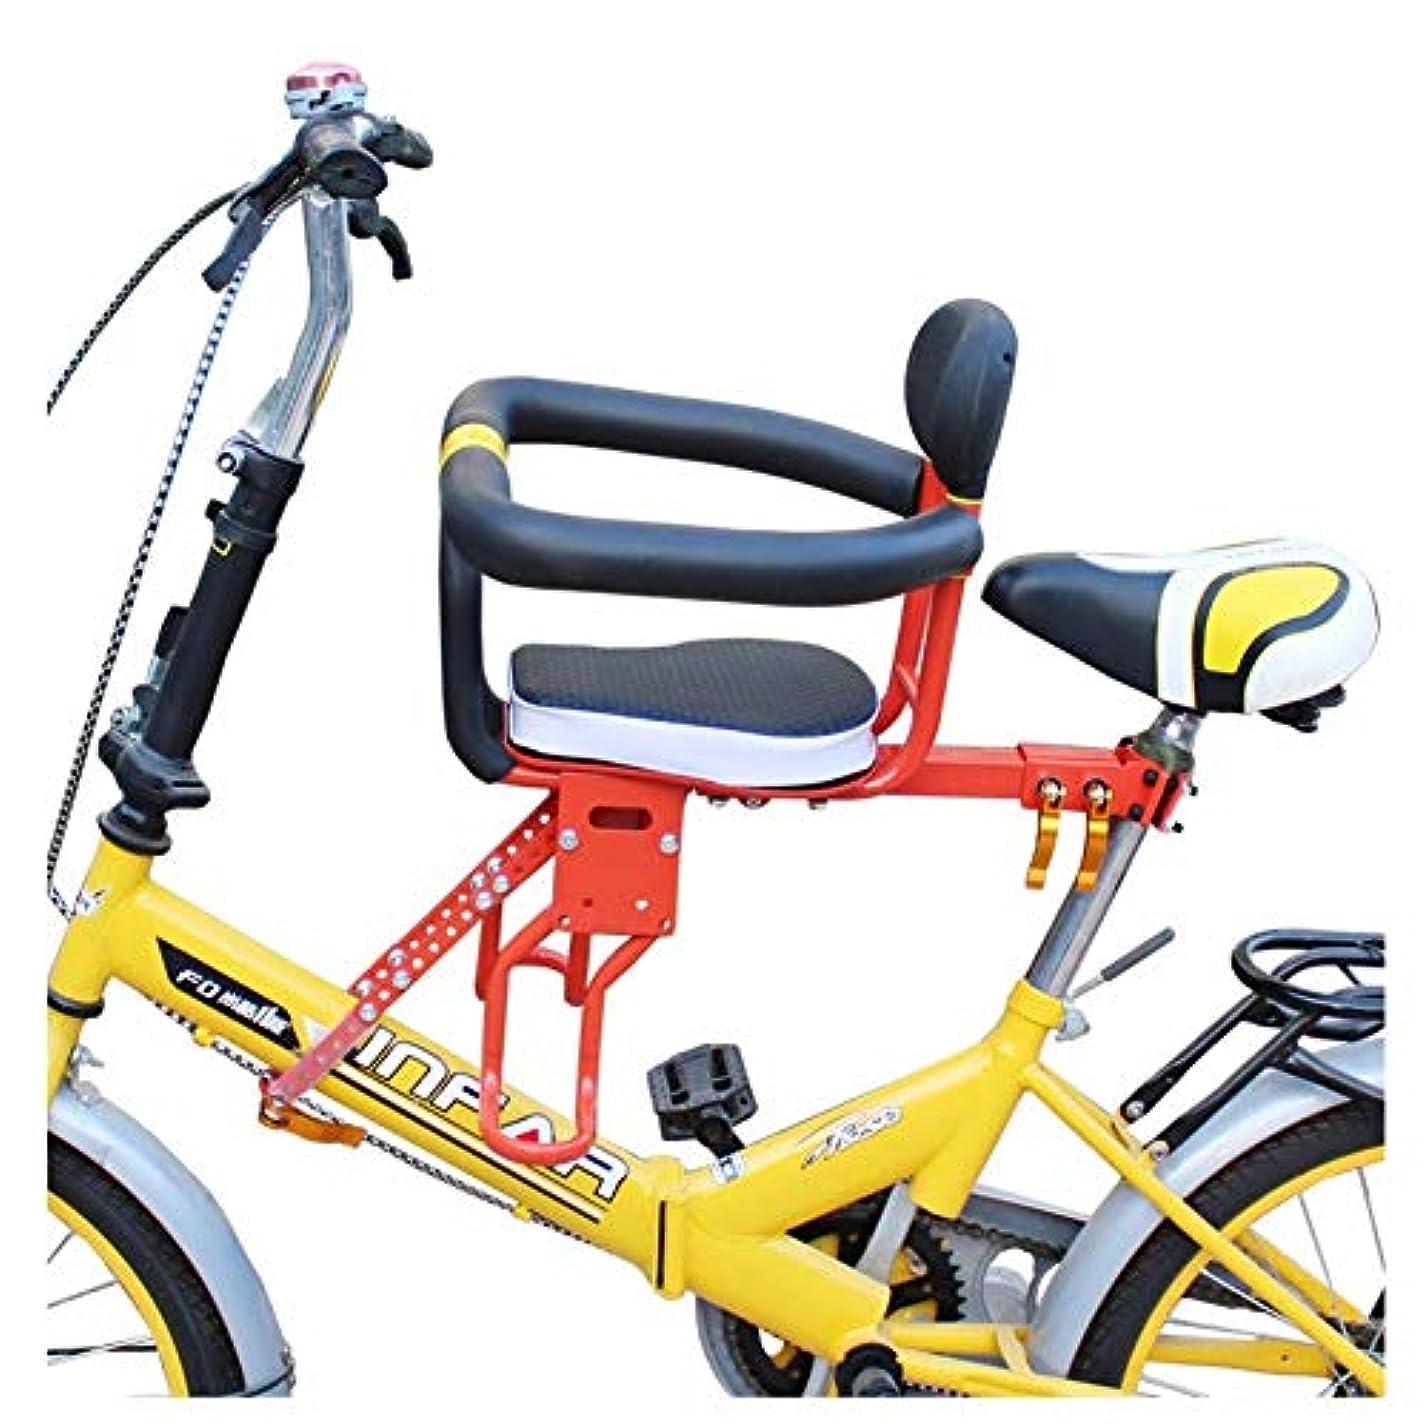 確執約一回自転車チャイルドシートフロントベビーシート折りたたみ式アームレストフットレストセット(アームレストと背もたれを含む) 自転車用アクセサリー